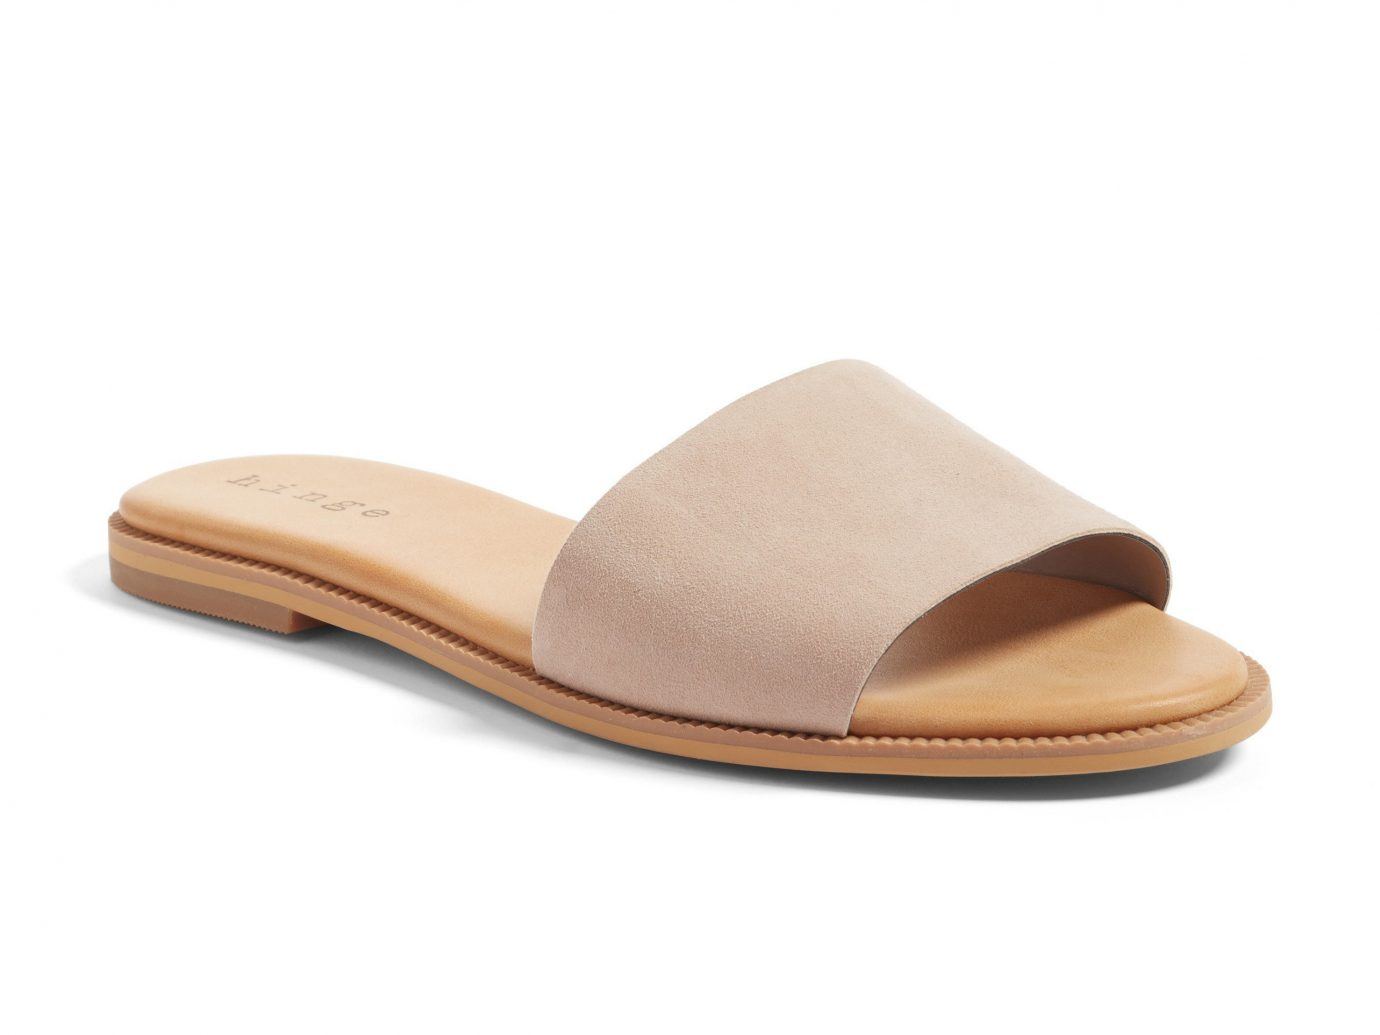 Style + Design footwear shoe beige sandal outdoor shoe product design walking shoe slipper tan